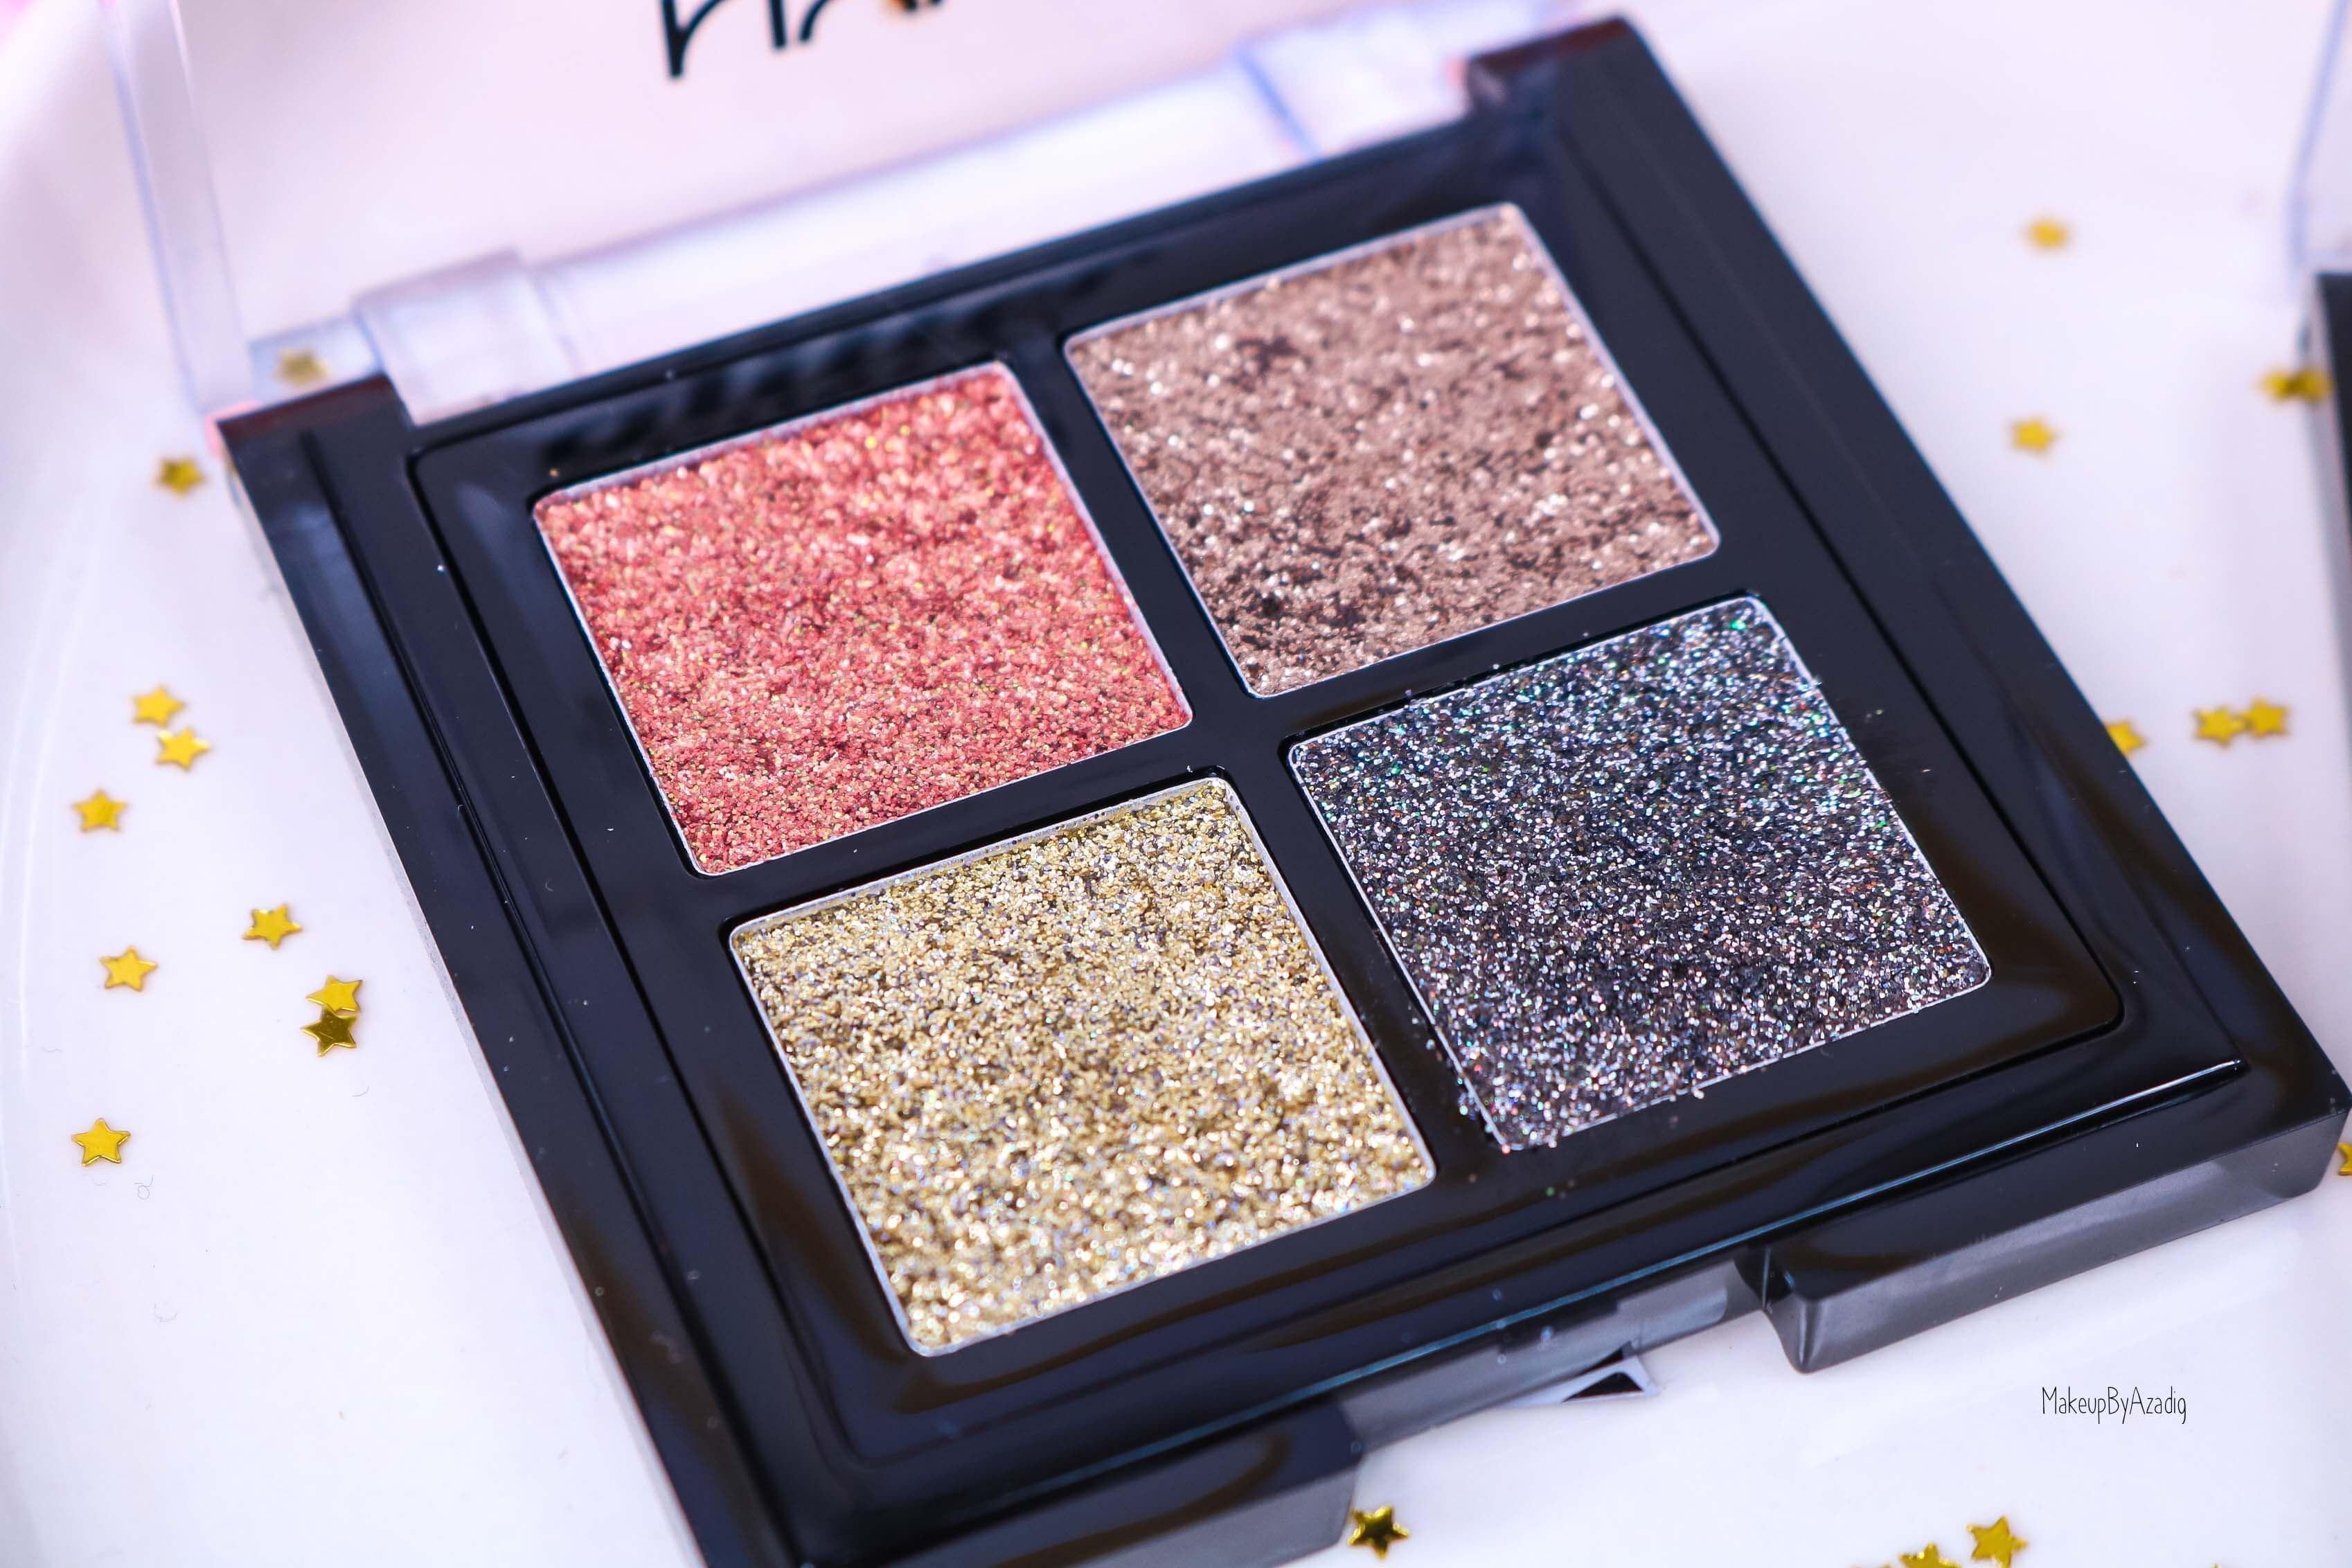 revue-palette-glitter-goals-nyx-professional-makeup-festival-coachella-avis-prix-paillette-makeupbyazadig-galactica-glacier-or